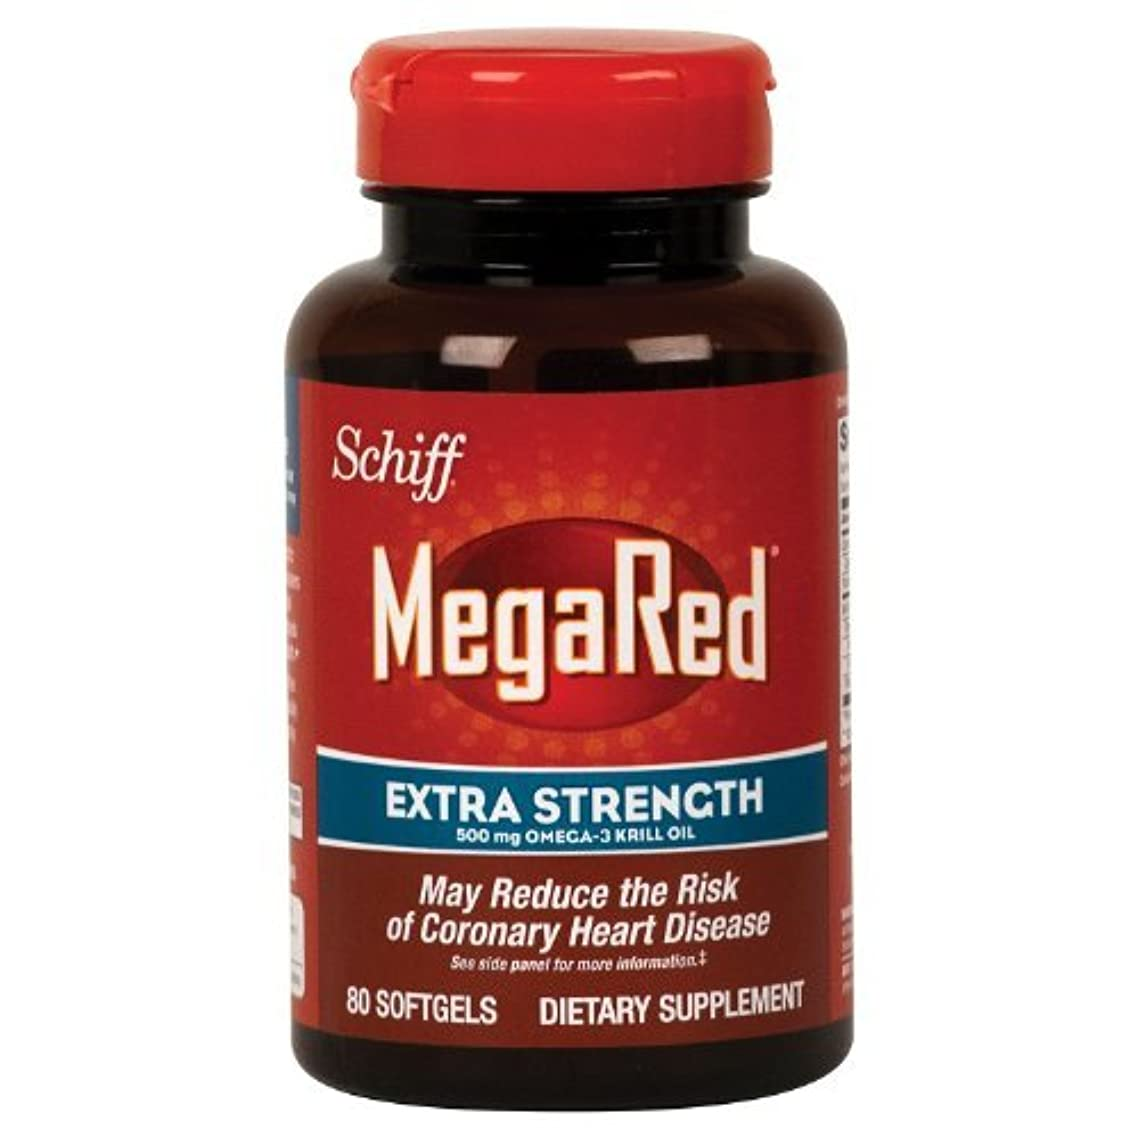 懲戒団結オペラSchiff Megared Extra Strength 500mg Omega-3 Krill Oil - 80 Softgels by Simply Right [並行輸入品]